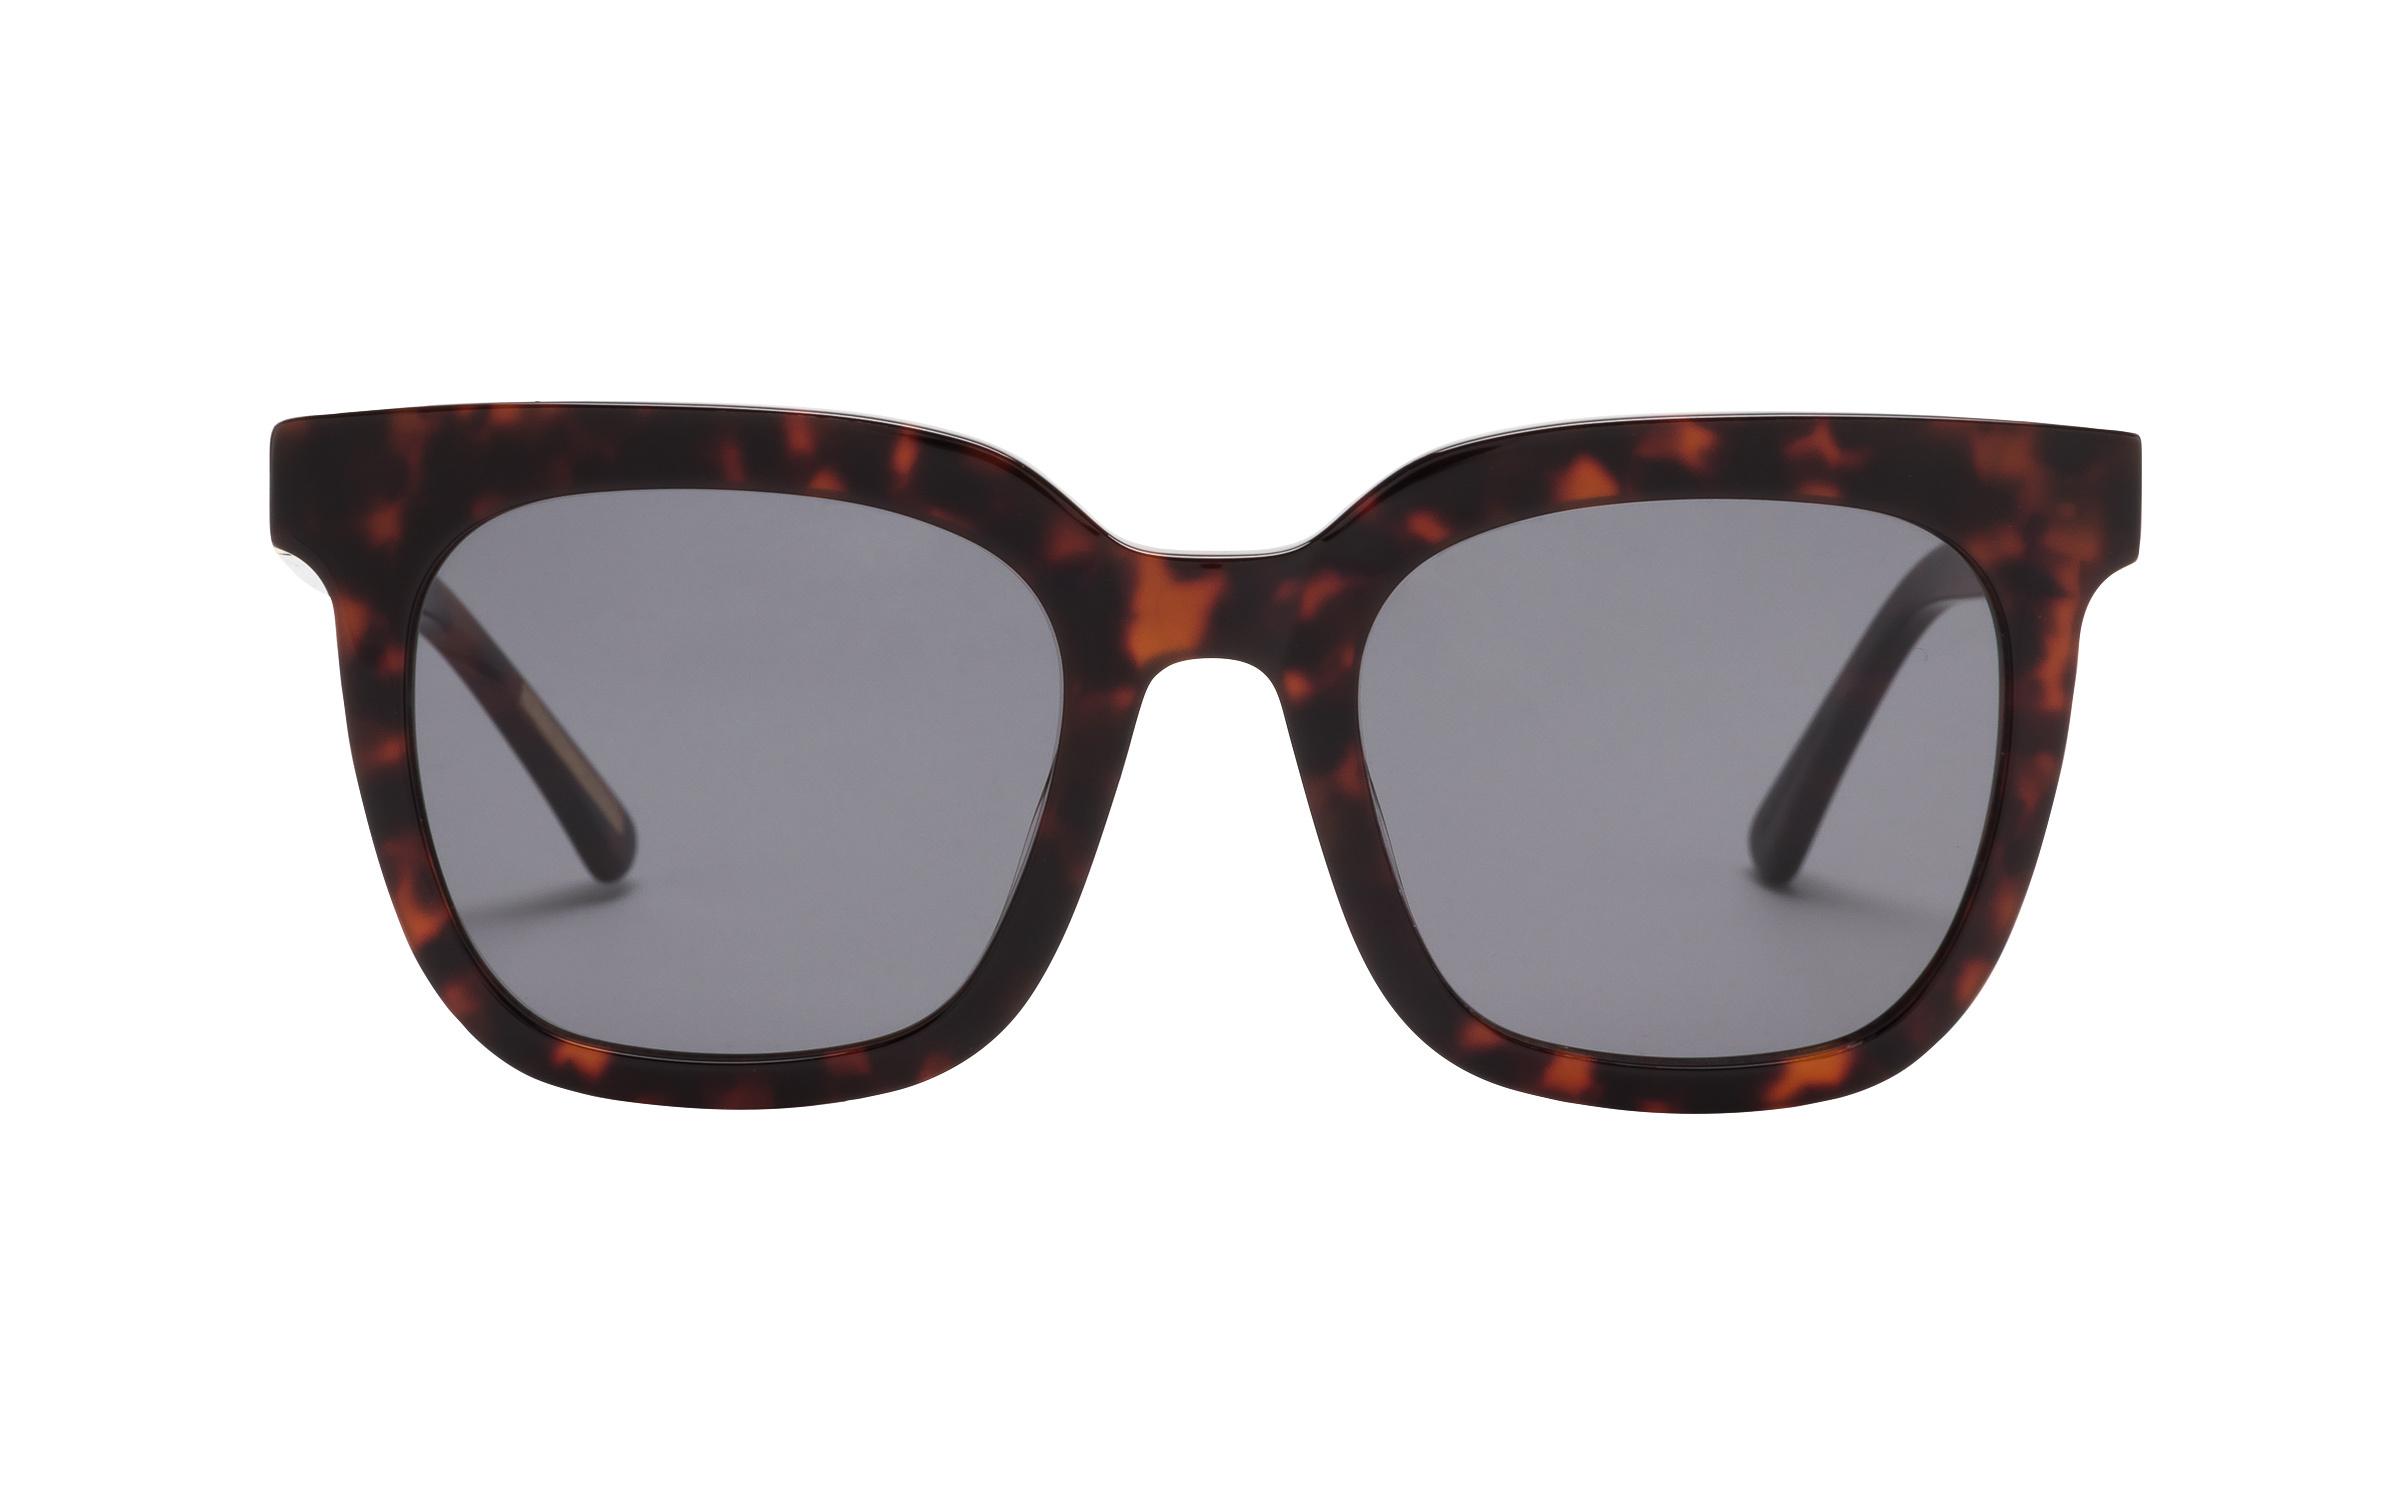 D-Frame Sunglasses Tortoise Kam Dhillon Online Coastal